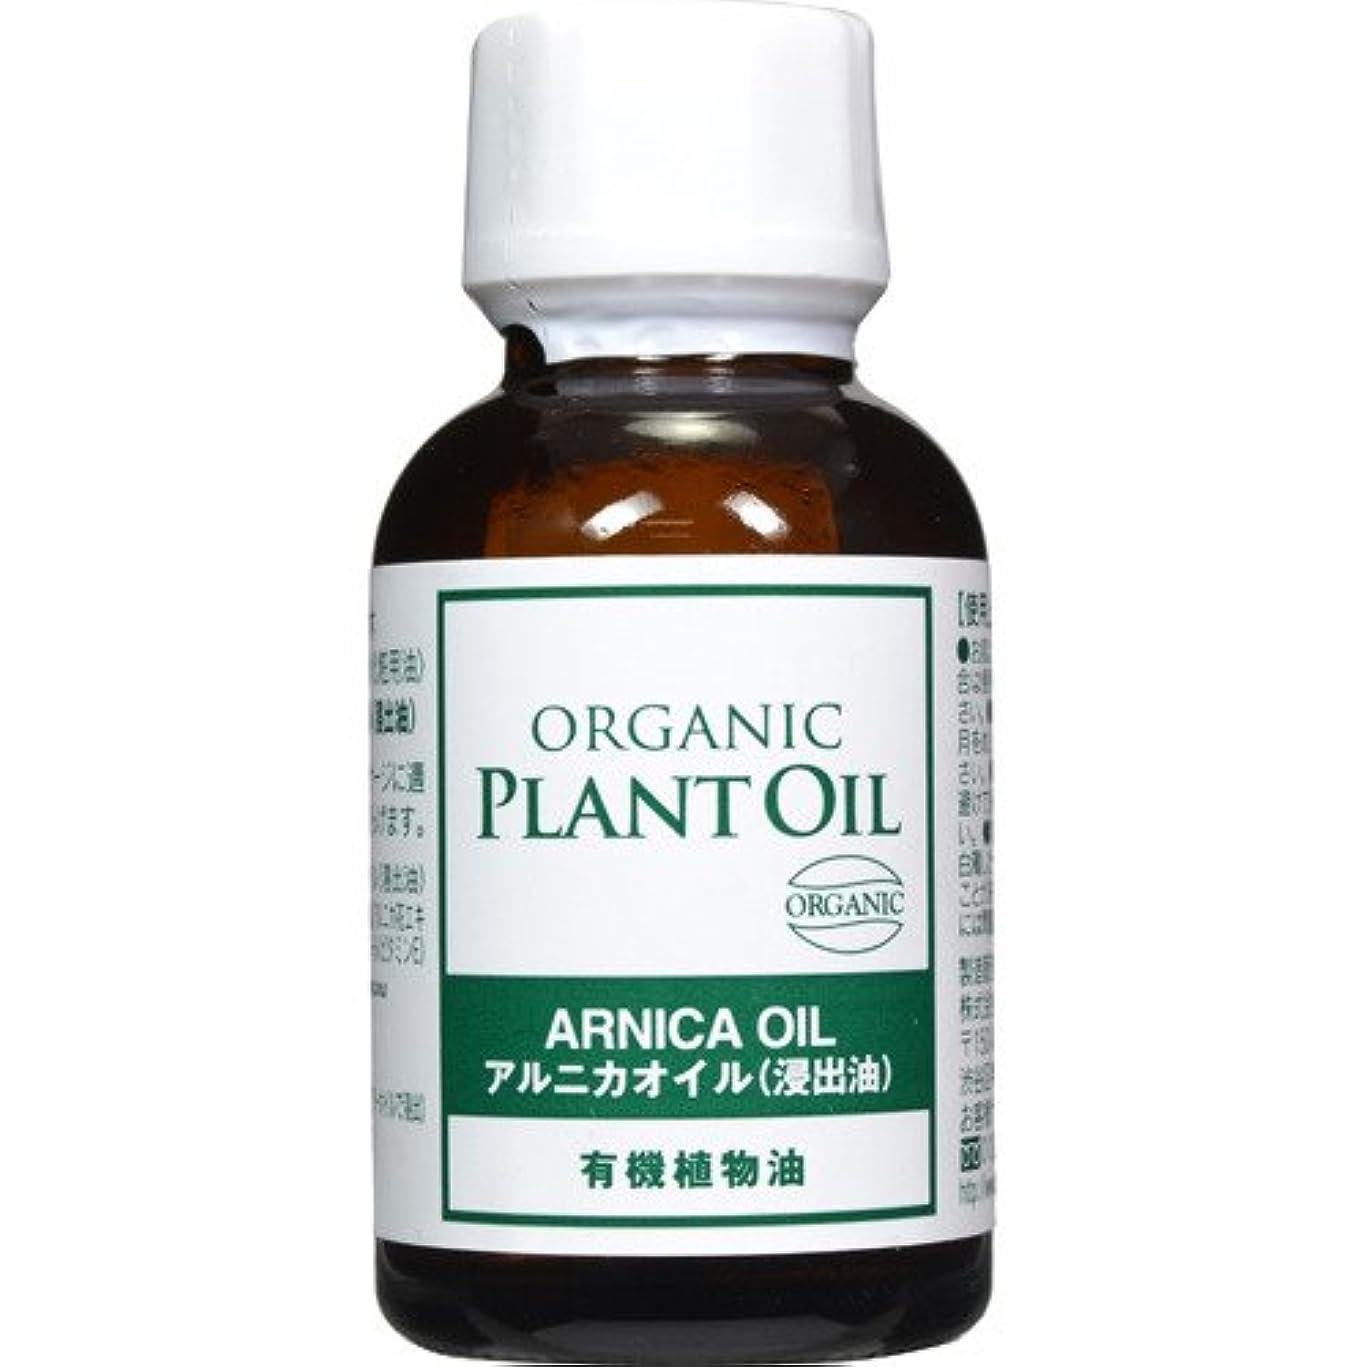 ナビゲーション歯痛美人生活の木 有機アルニカオイル(浸出油) 25ml